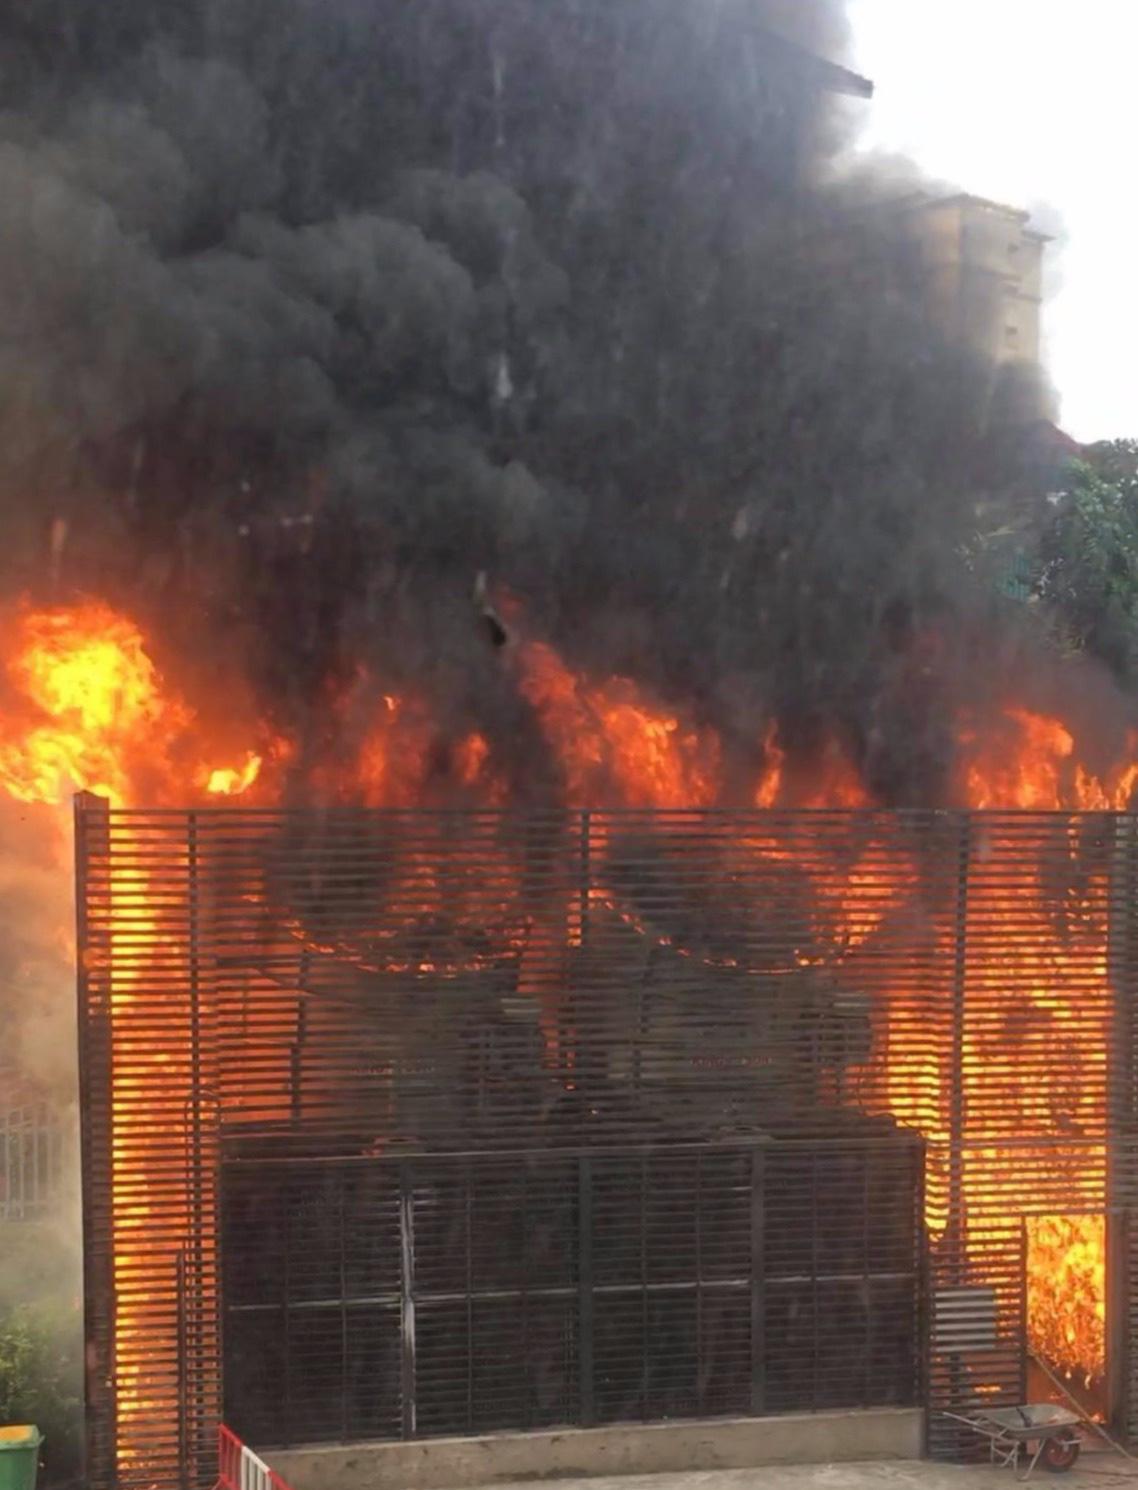 Hà Nội: Cháy hệ thống điều hòa chung cư, hàng trăm người hoảng loạn bỏ chạy - Ảnh 1.